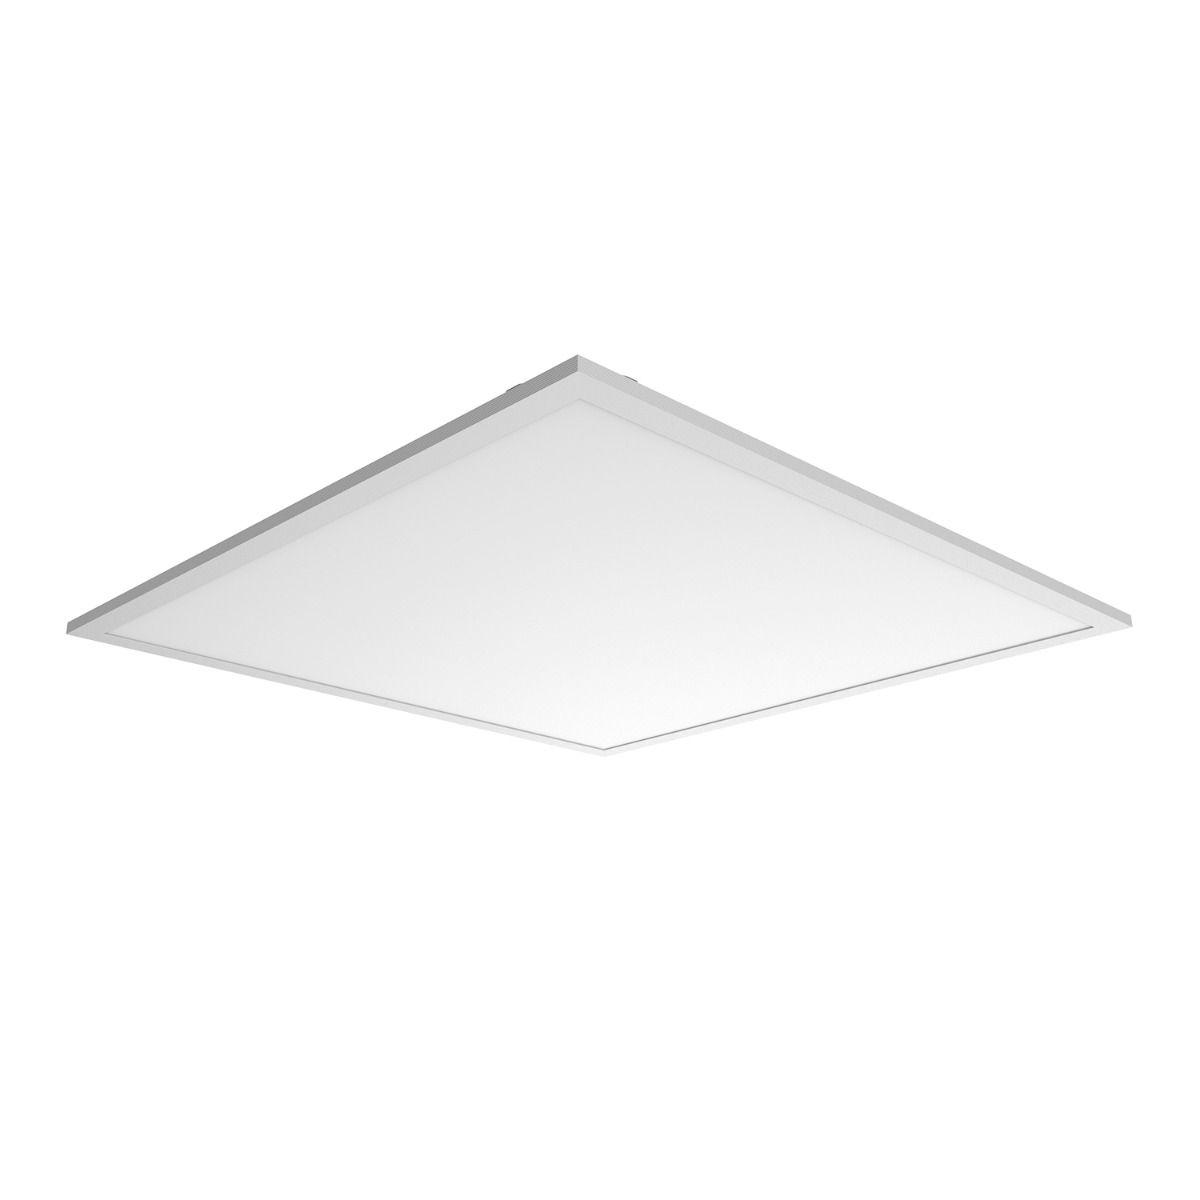 Noxion LED Panel Delta Pro V3 30W 3000K 3960lm 60x60cm UGR <22 | Replacer for 4x18W